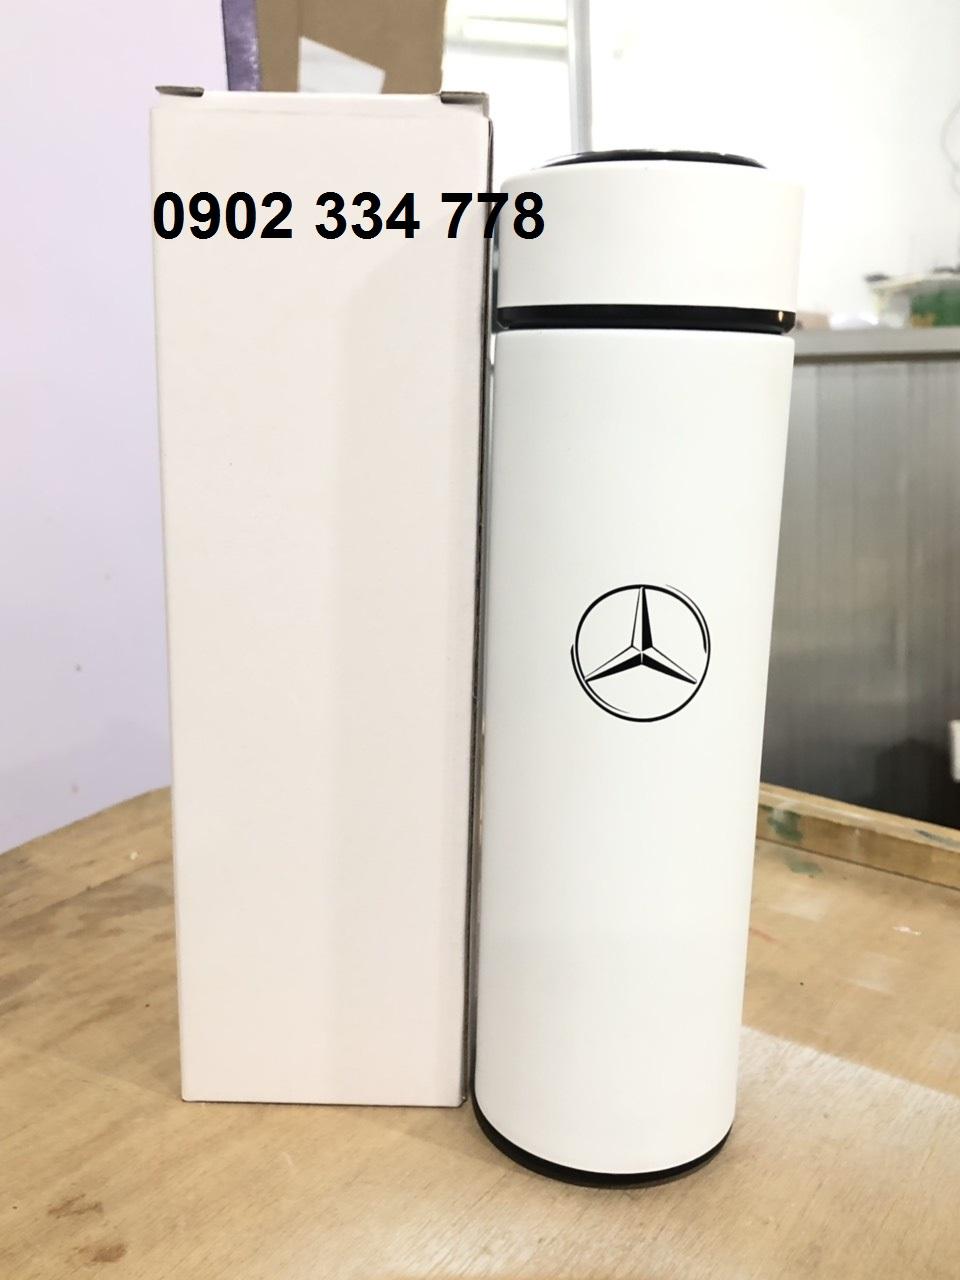 Xưởng sản xuất bình giữ nhiệt in logo Mercedes